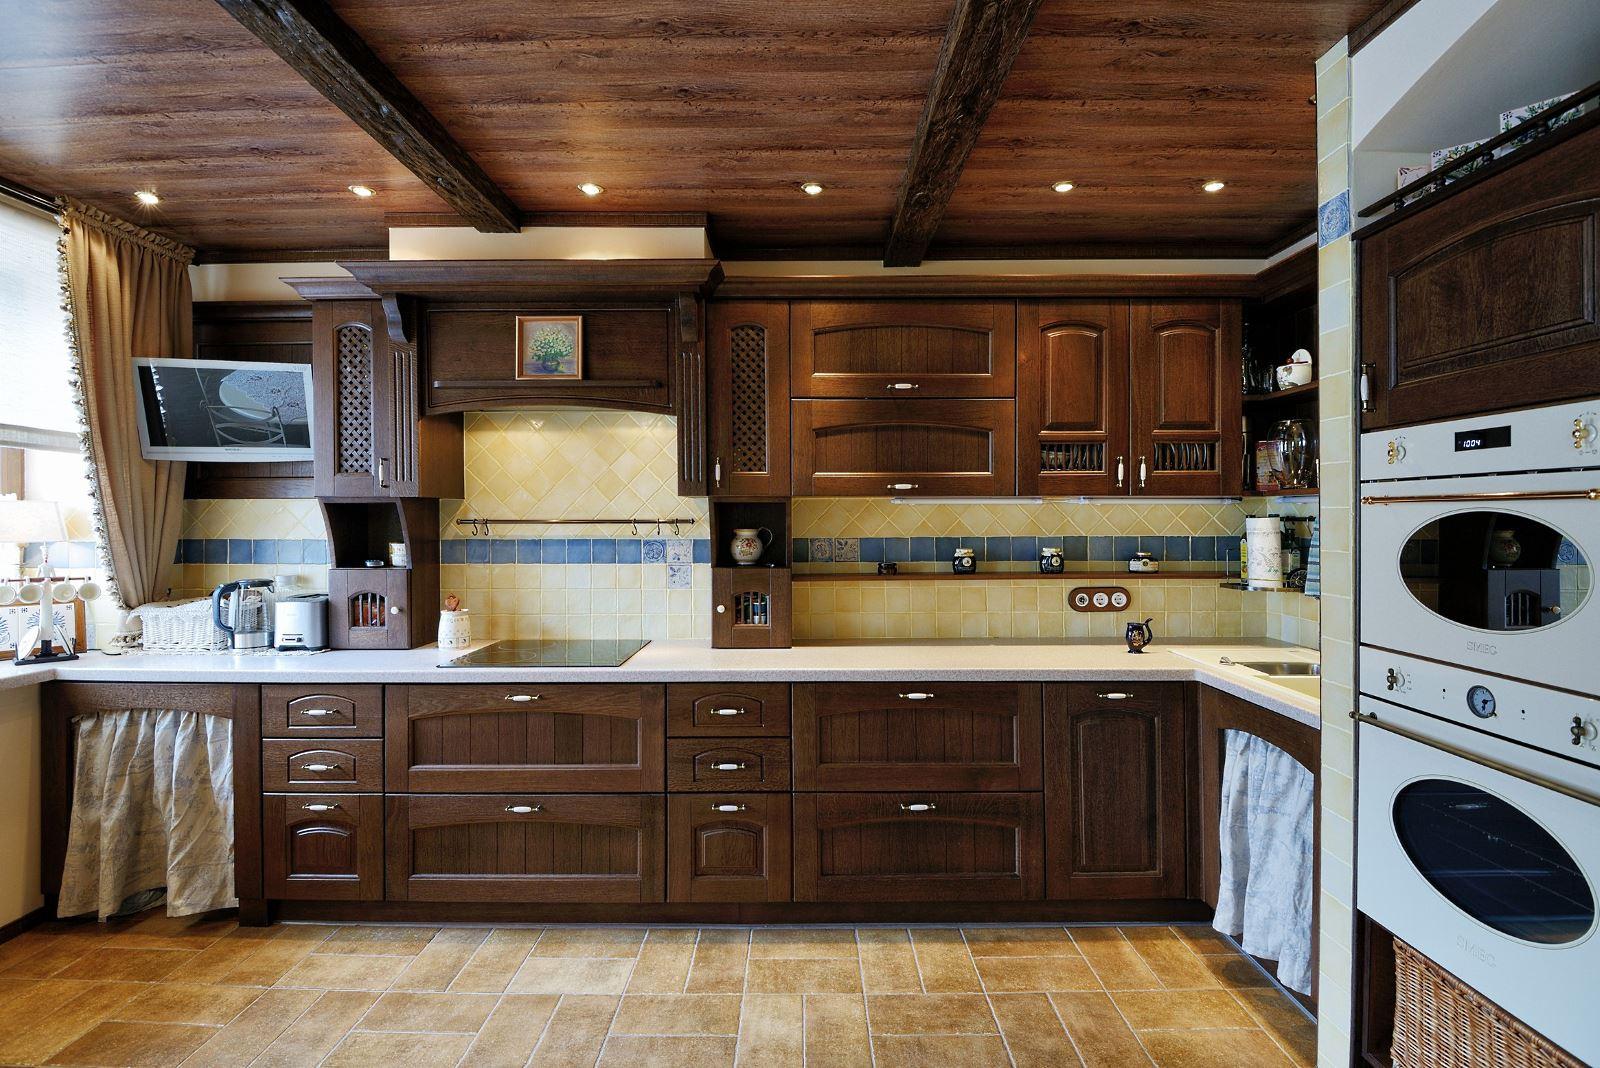 кухни в деревянном доме массив фото лор-органов